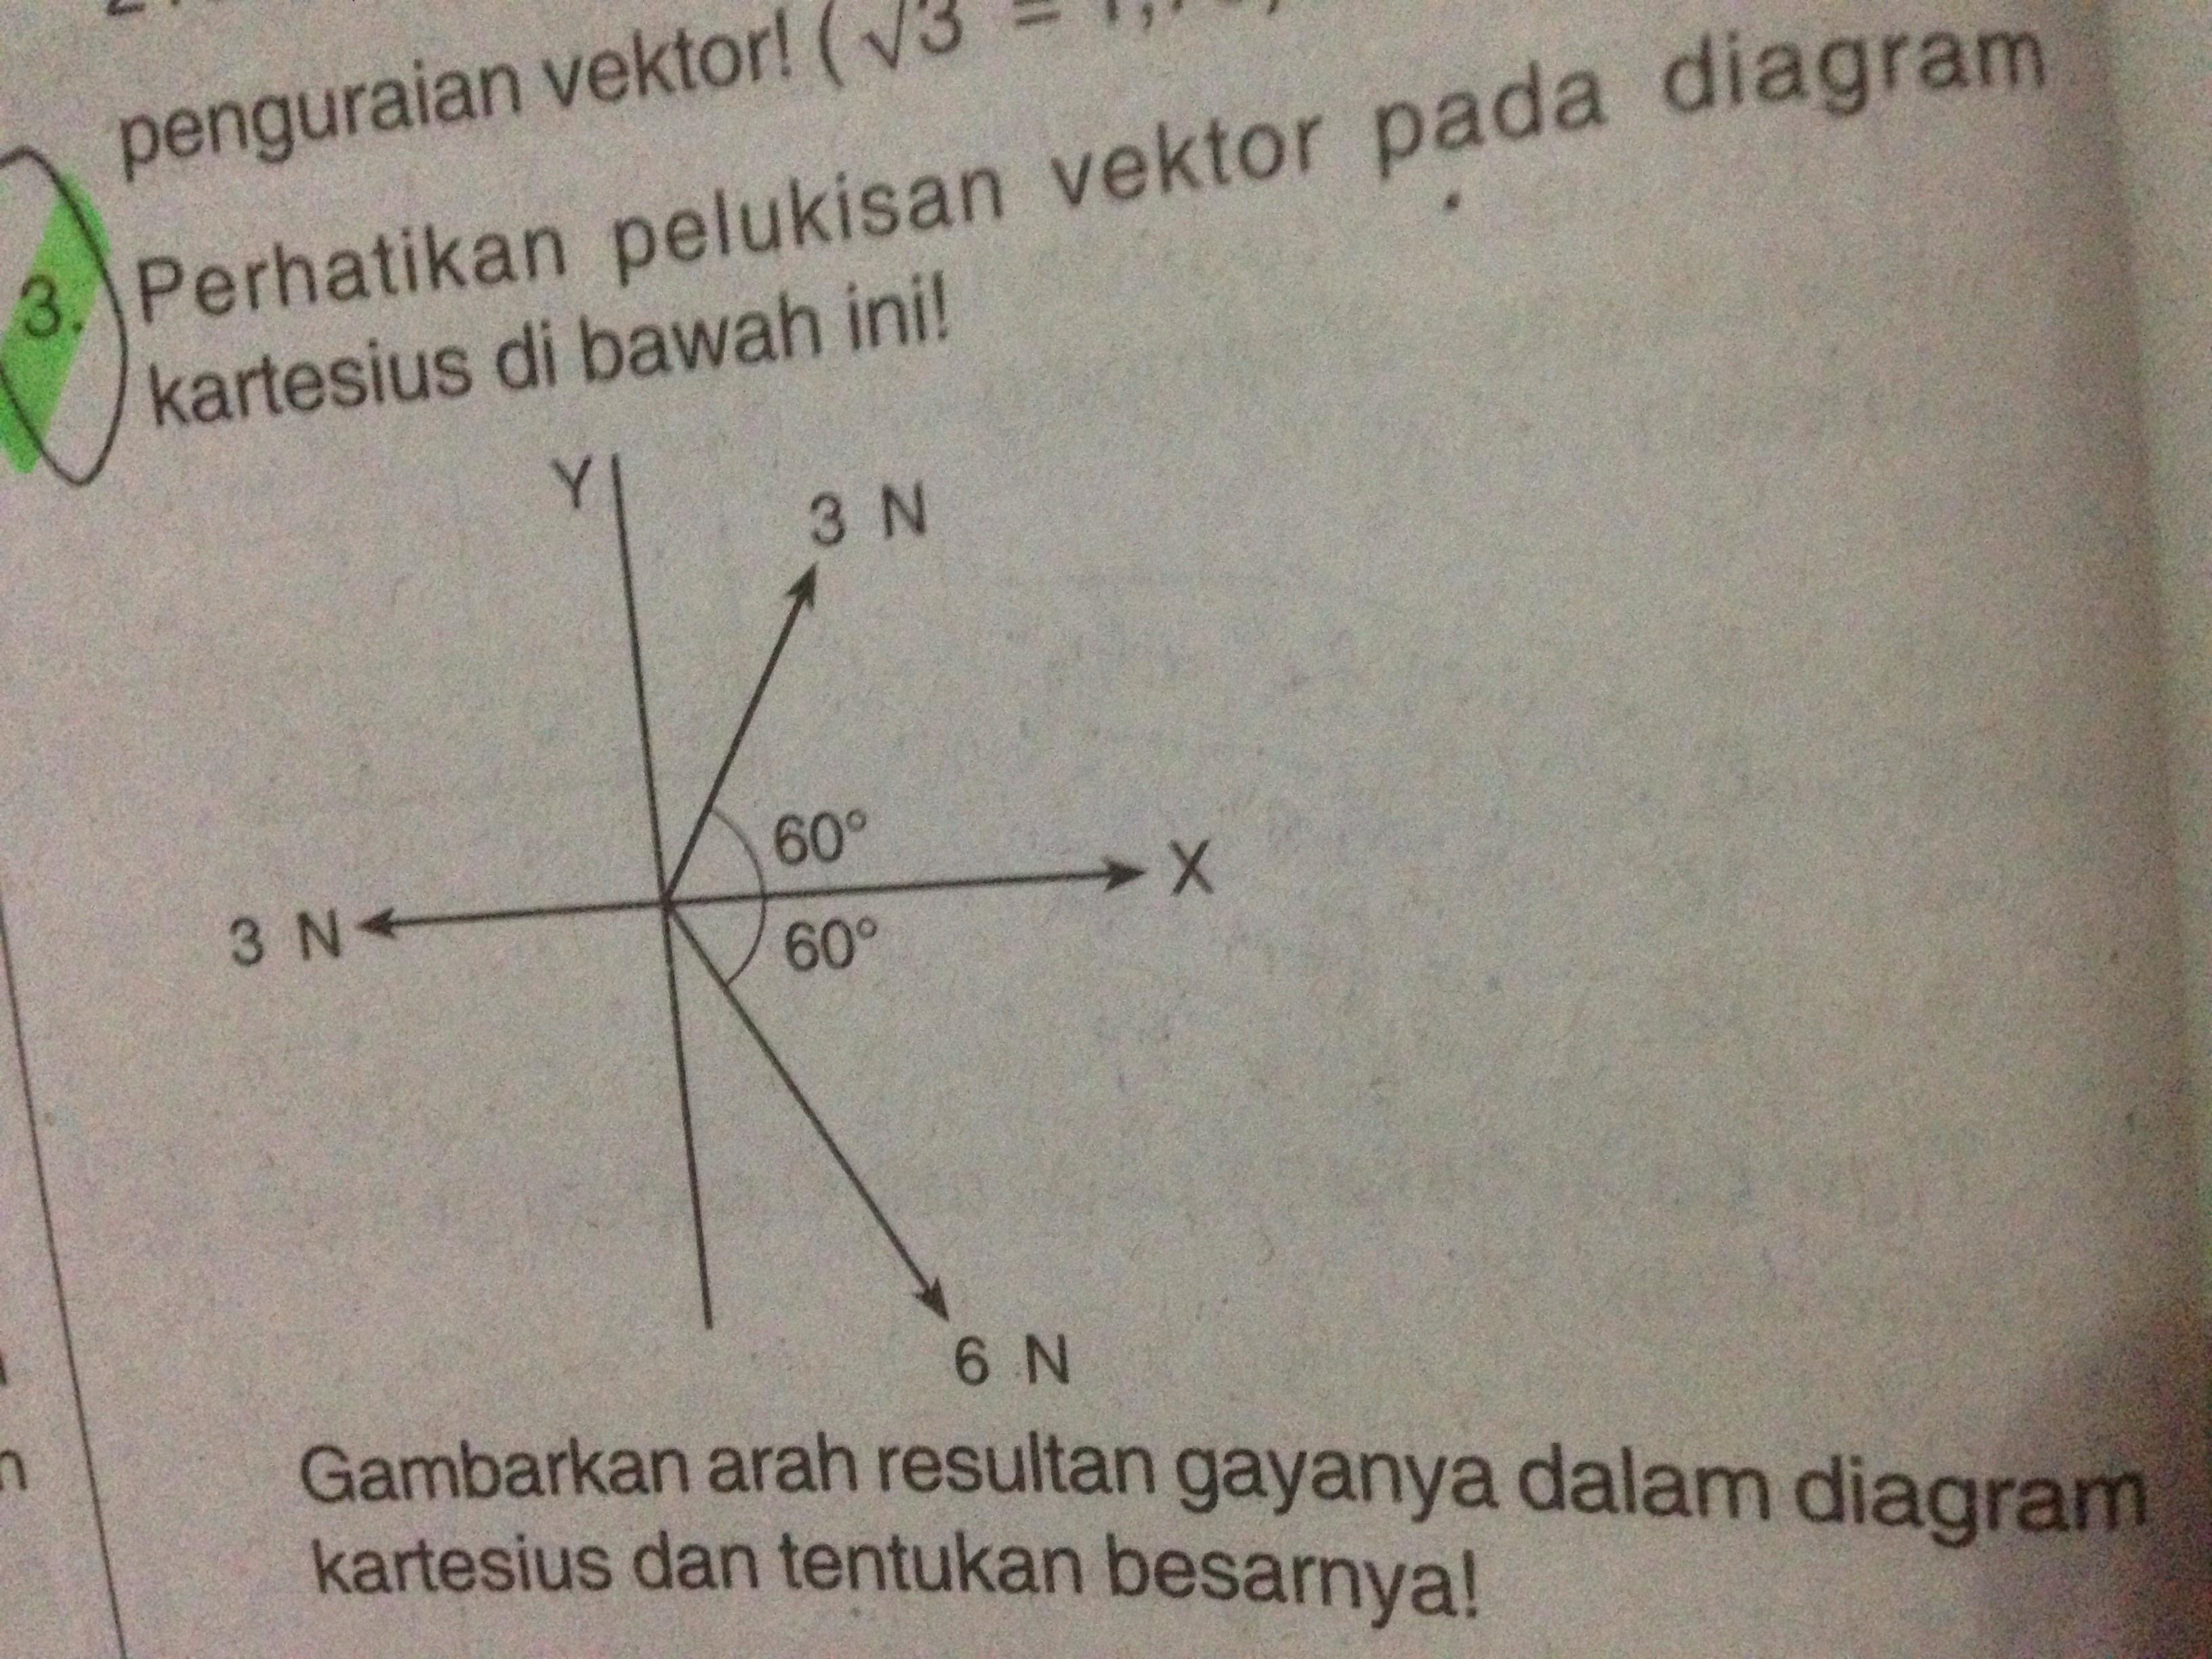 Gambarkan arah resultan gayanya dalam diagram kartesius dan tentukan unduh jpg ccuart Gallery